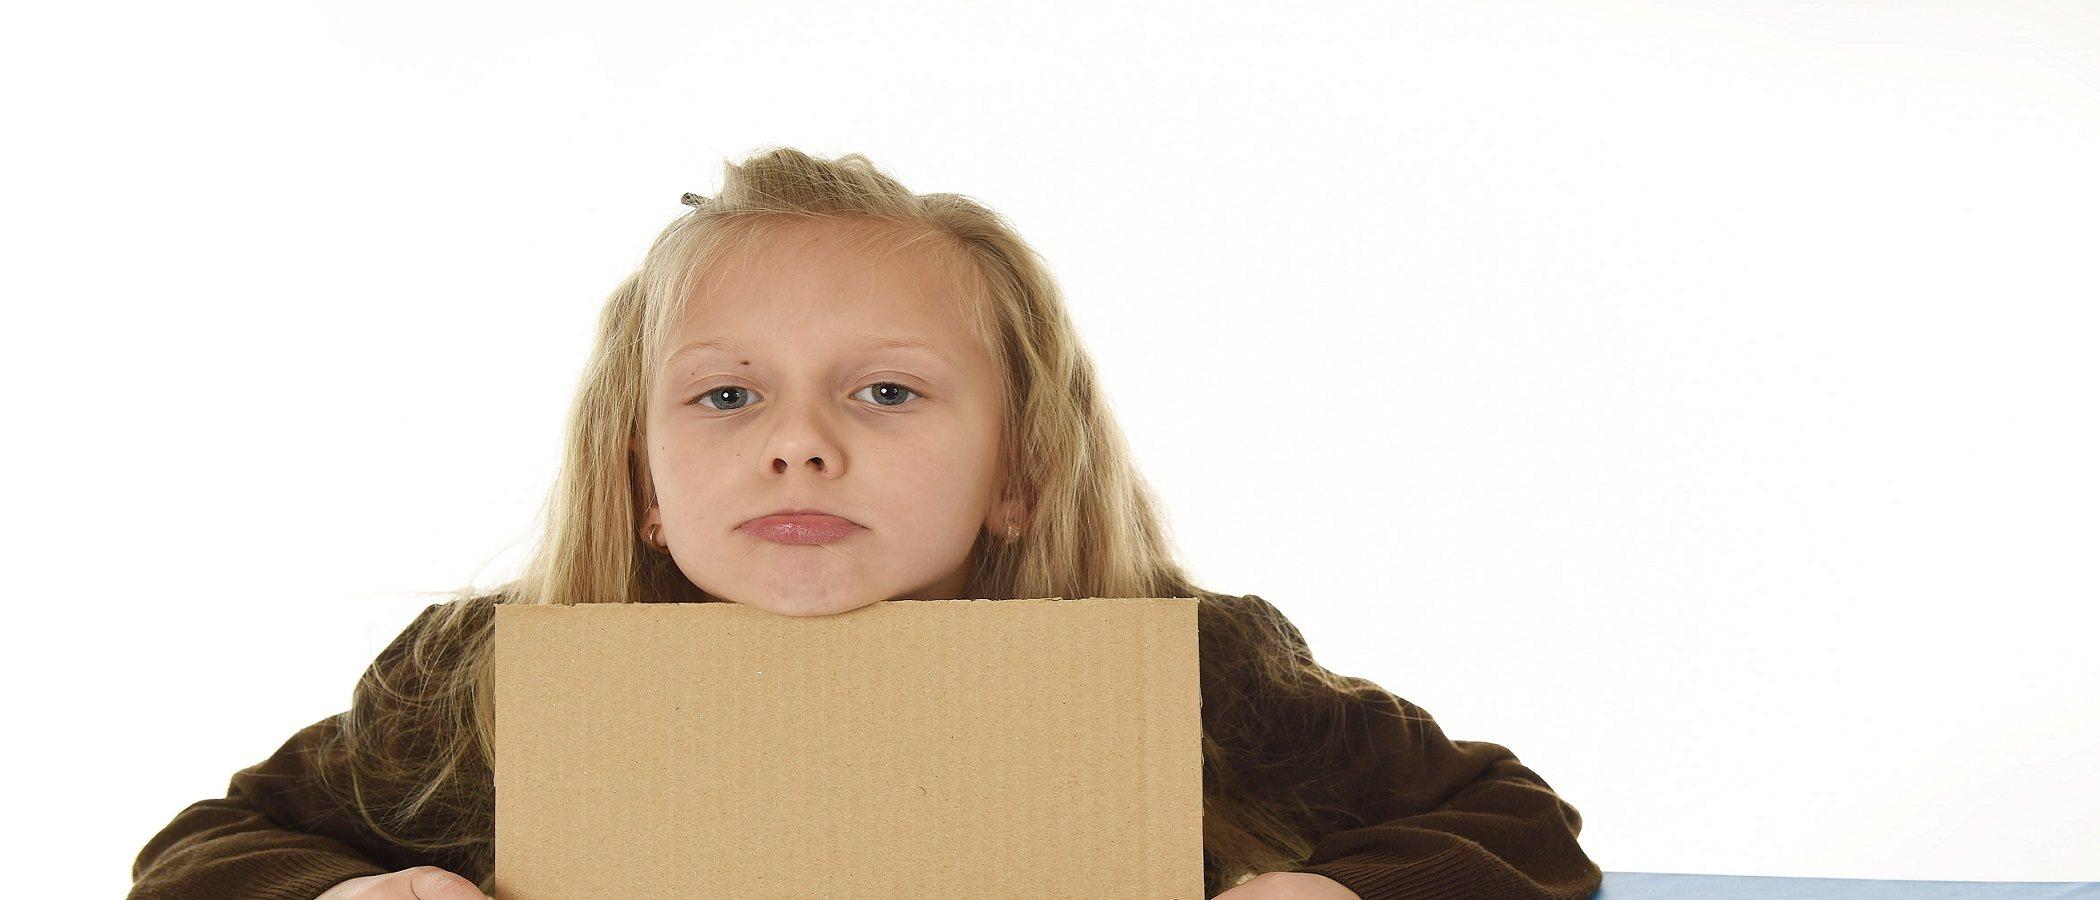 Claves familiares para aumentar la responsabilidad en los hijos